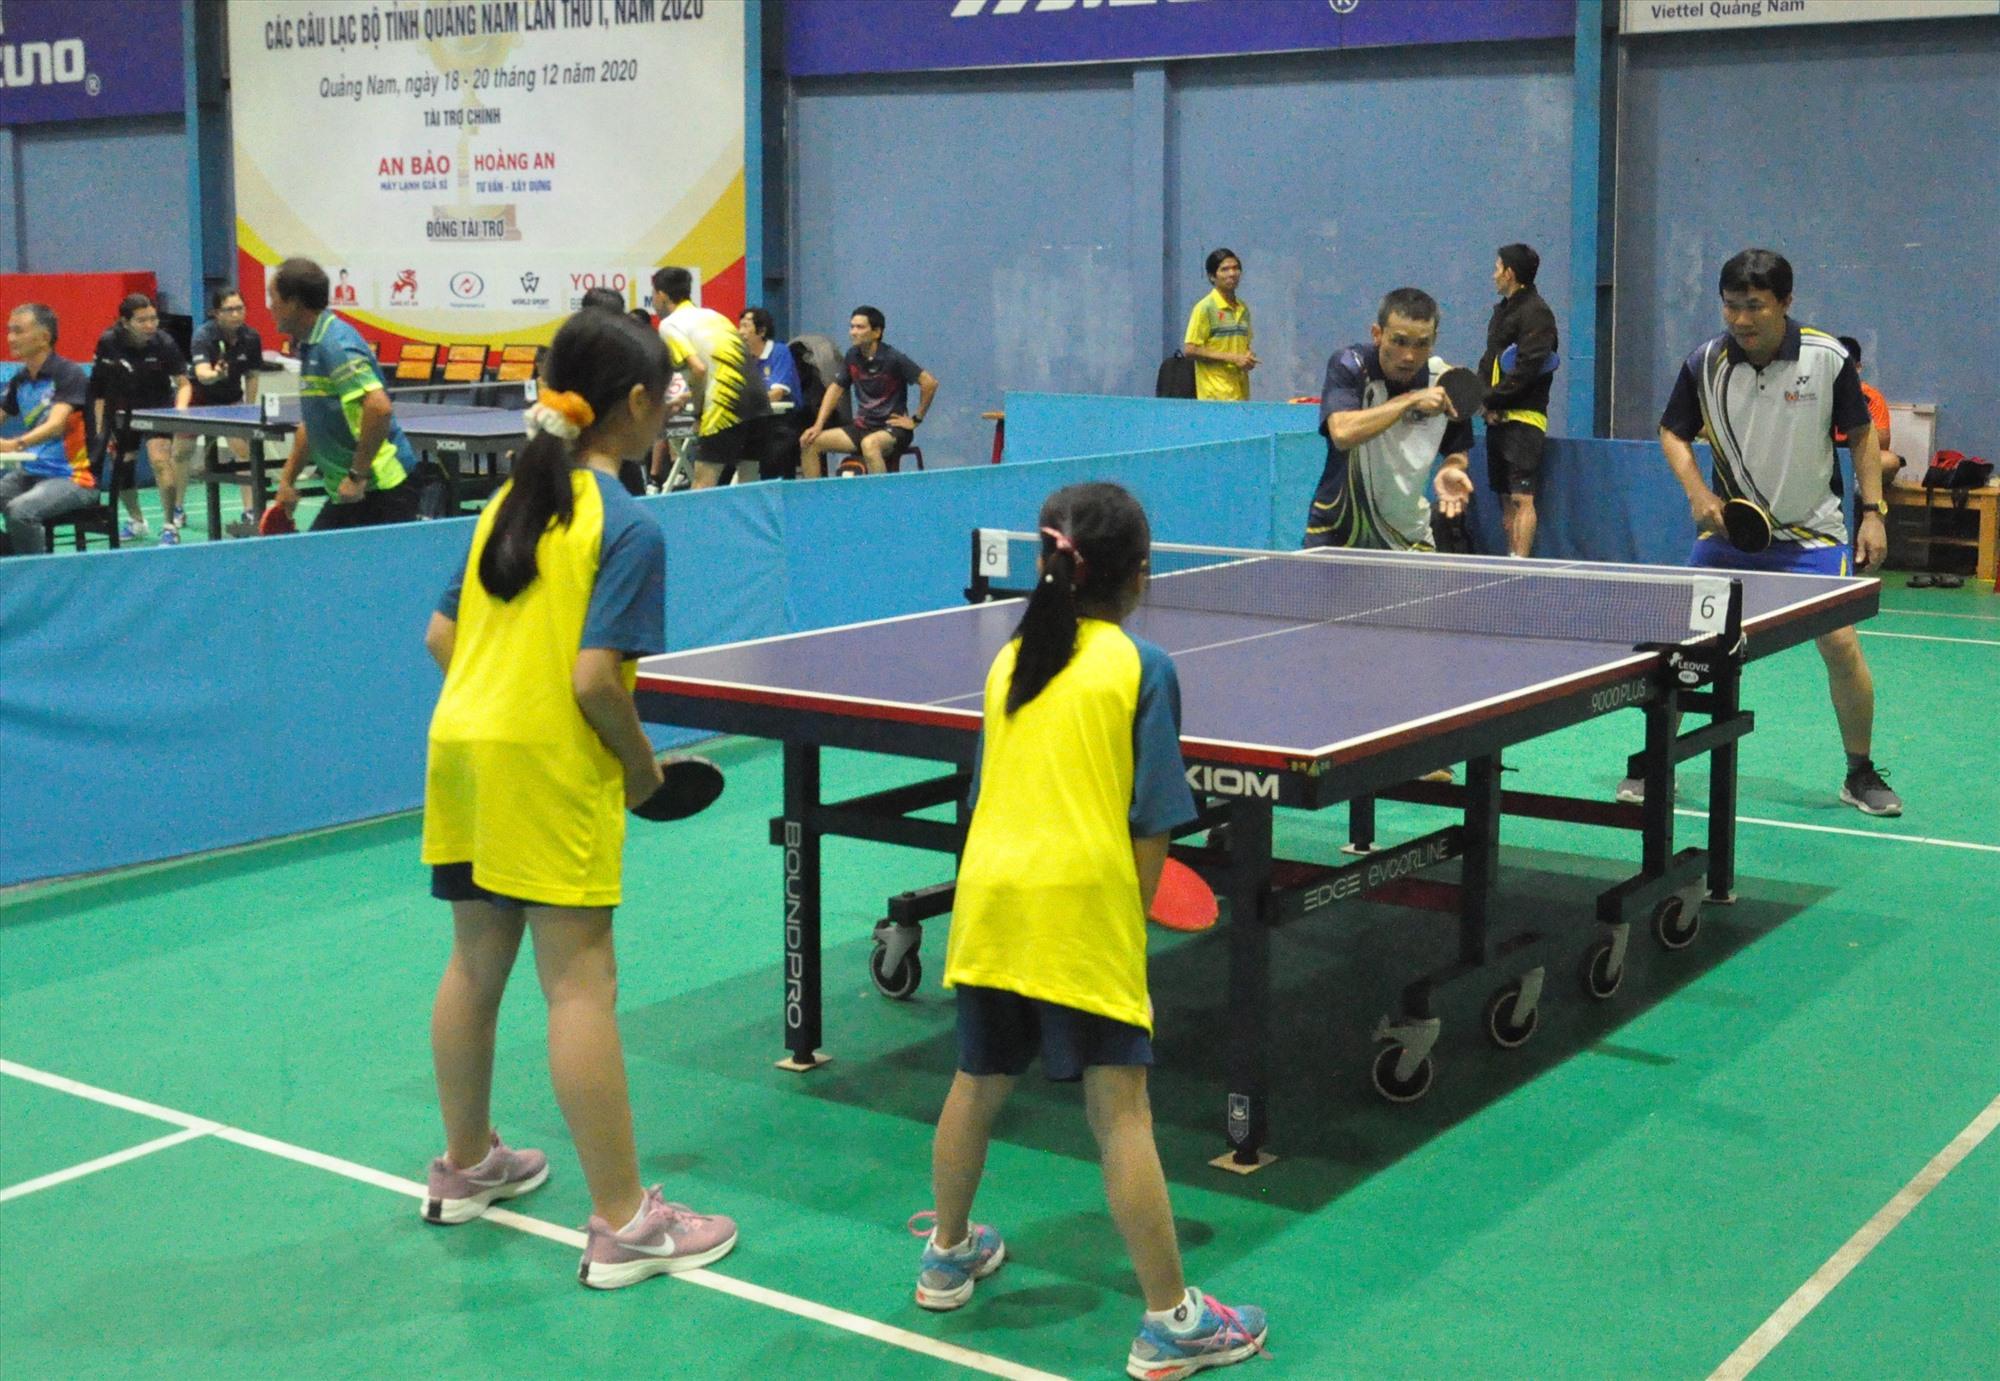 Một trận đấu đôi vợt nữ thiếu nhi đọ sức với đôi vợt tuổi cha chú. Ảnh: A.S